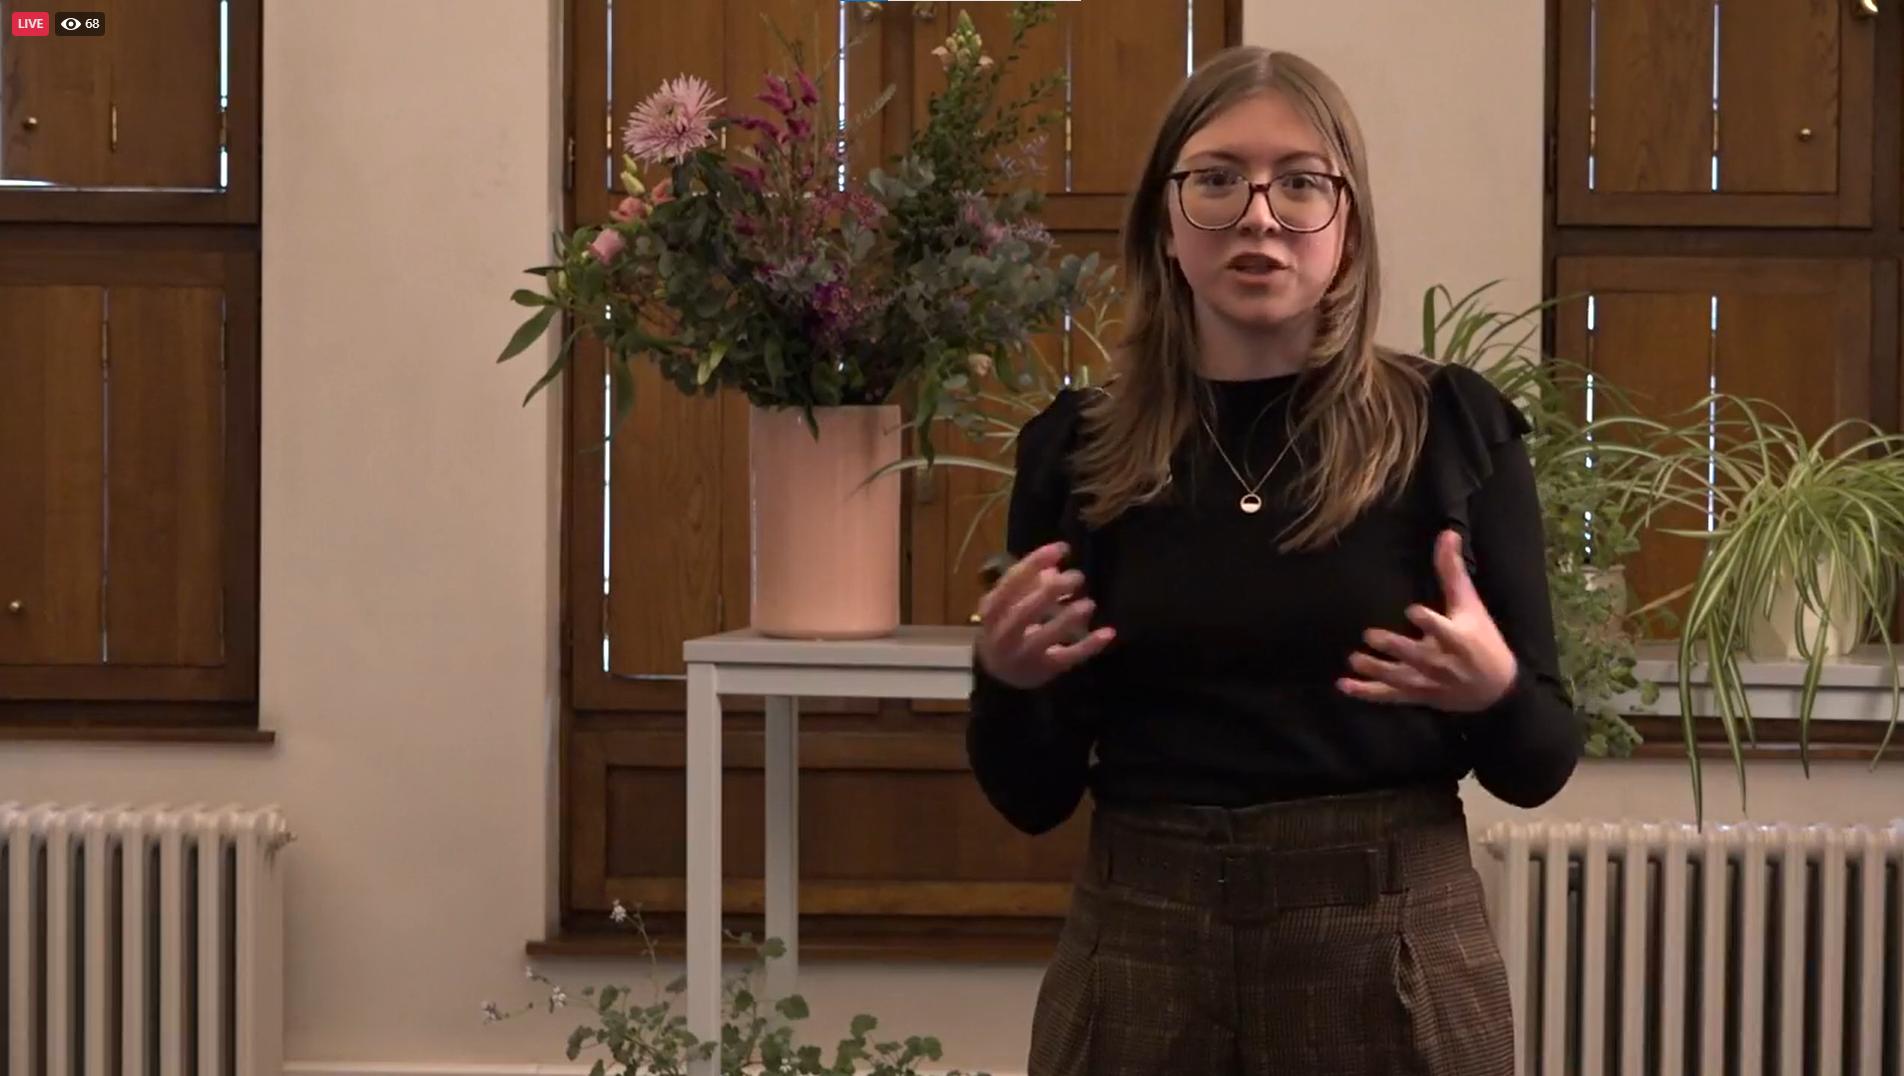 Hanne Lamberts presentatiewedstrijd